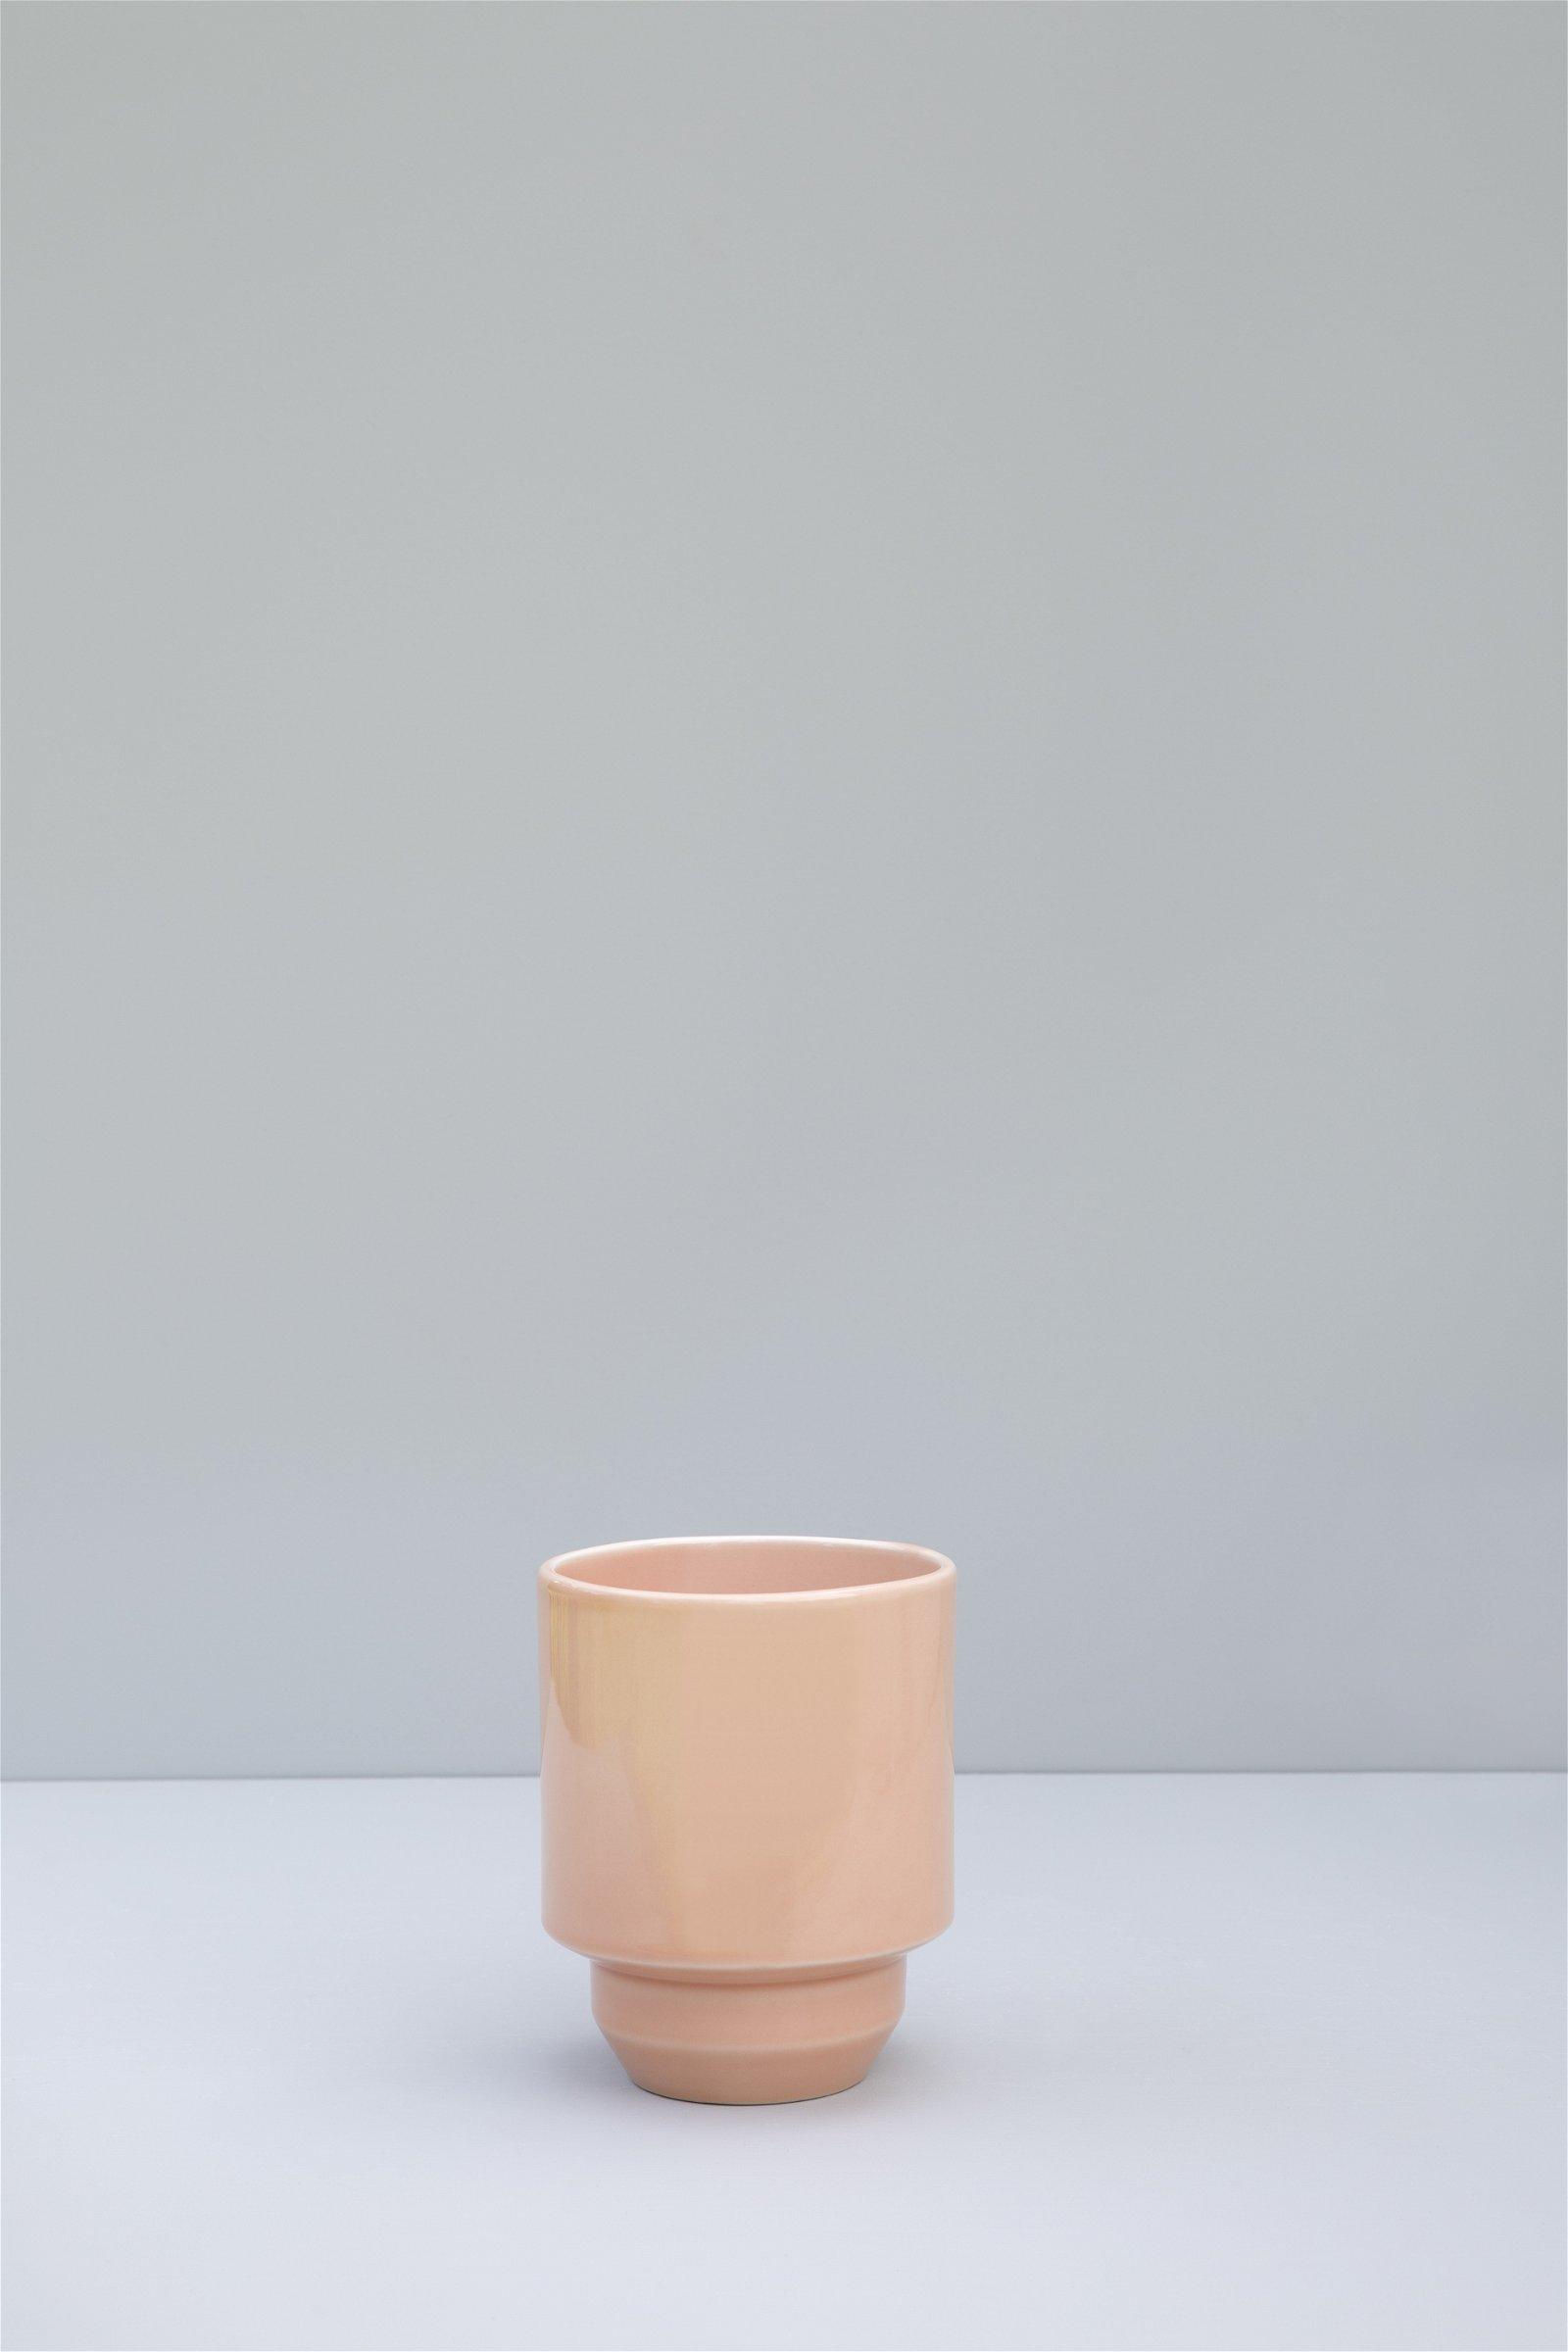 Bergs Potter, The Hoff Pot GLAZED: Rose Quartz, 18 cm, Potte